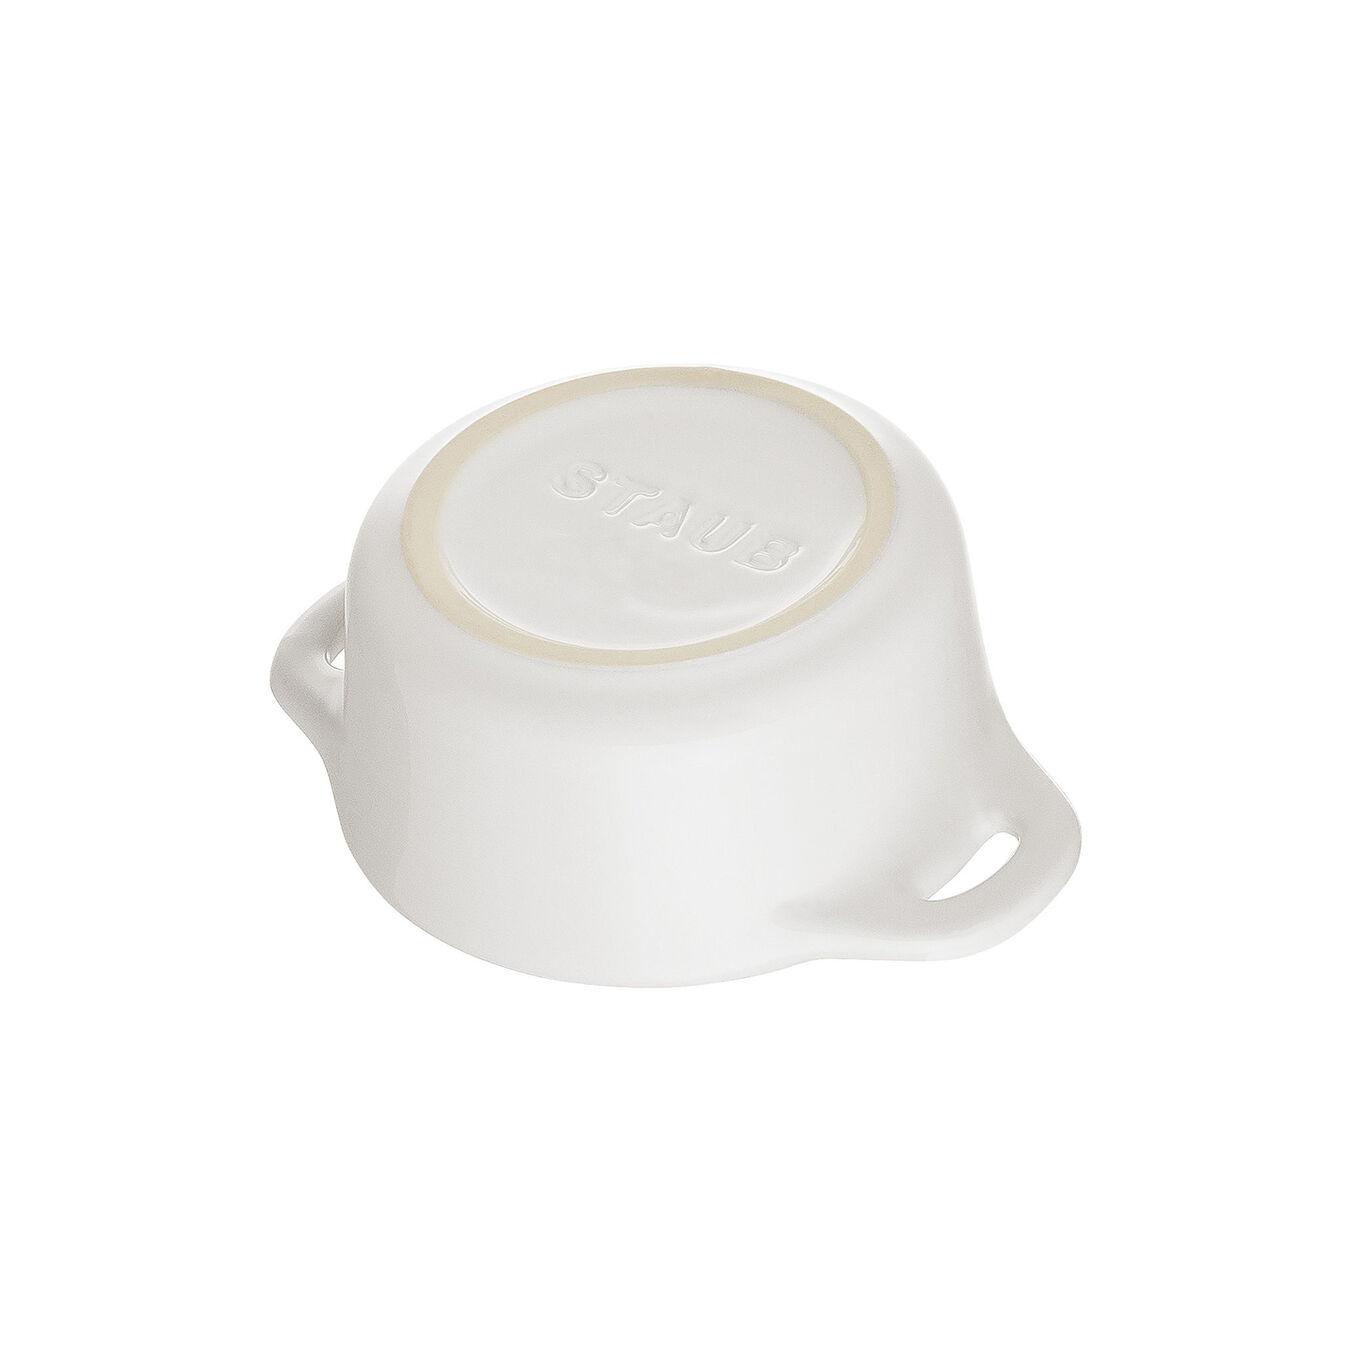 Mini Cocotte 10 cm, Rond(e), Blanc pur, Céramique,,large 4